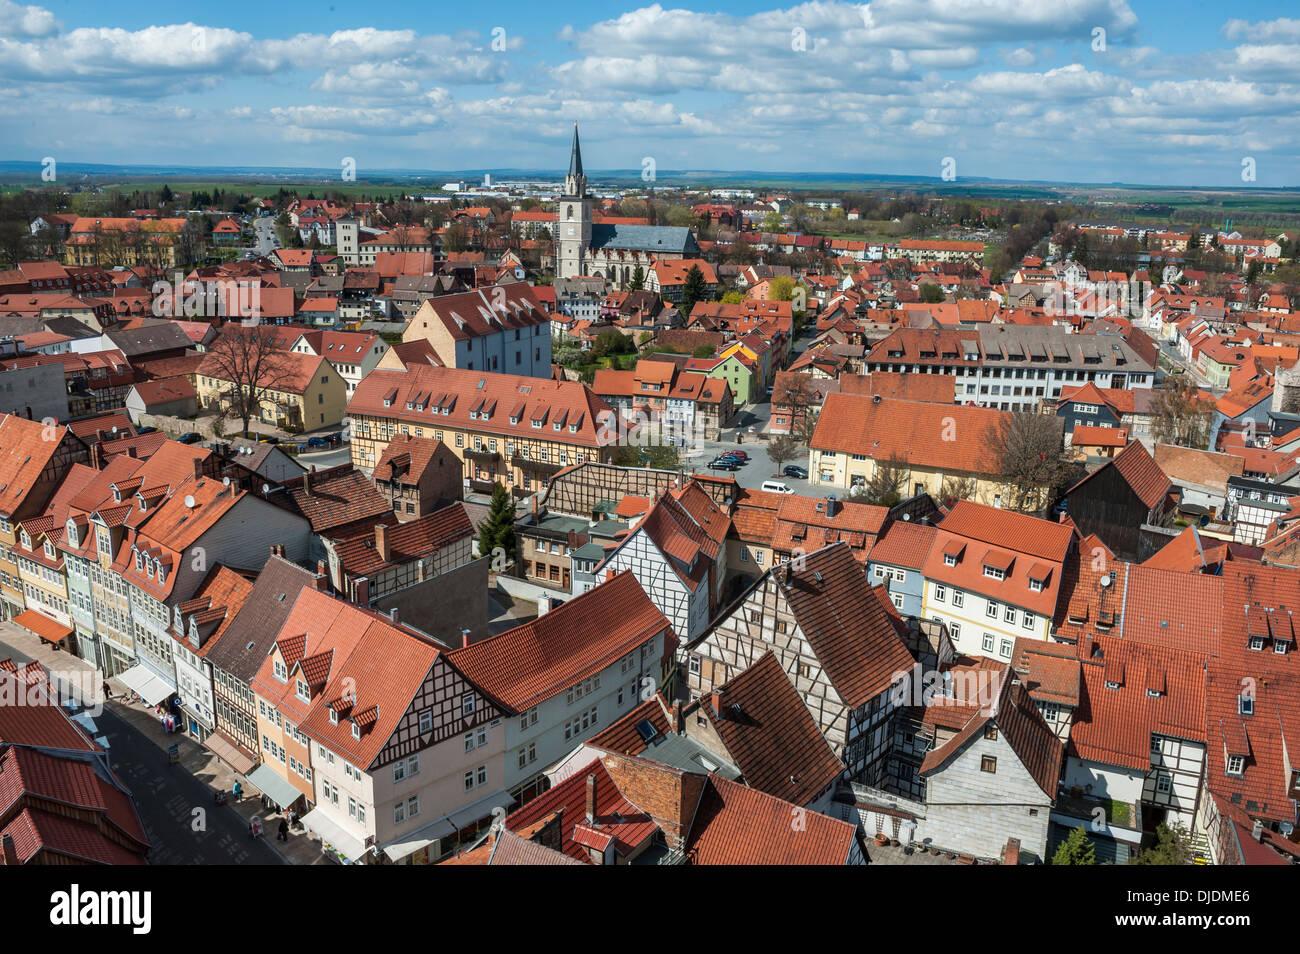 Centre historique de Bad Langensalza, Thuringe, Allemagne Photo Stock